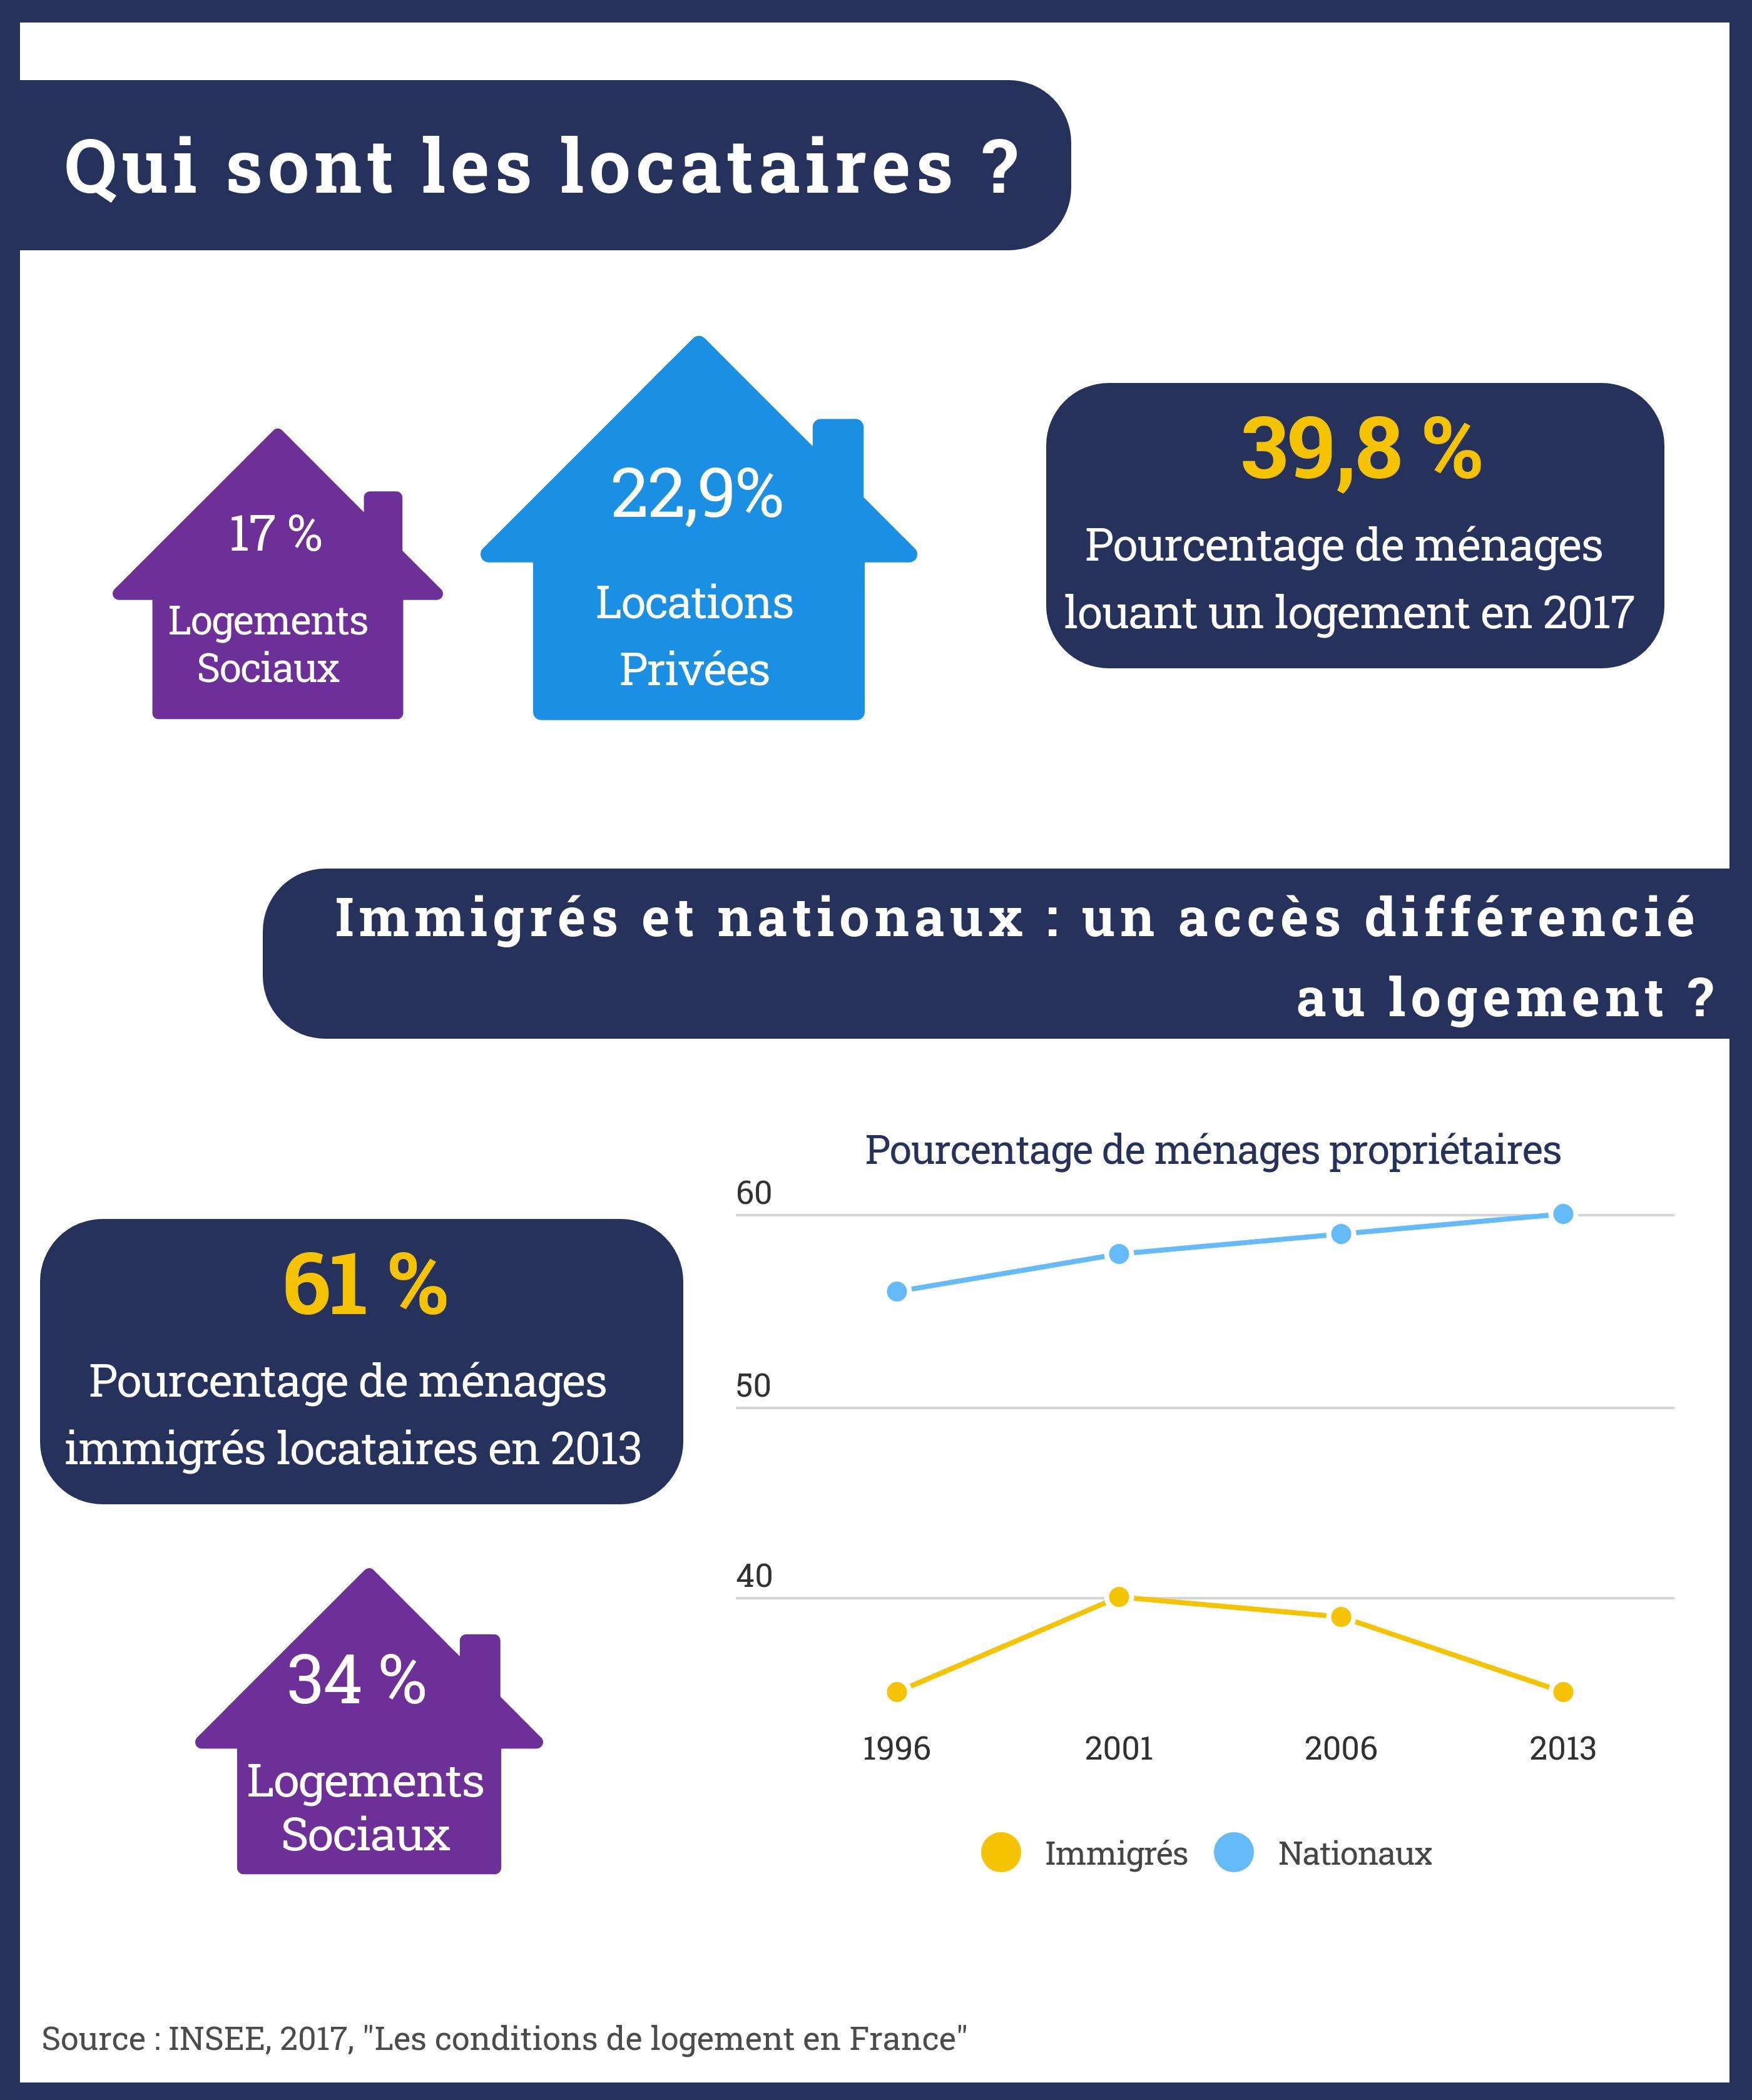 Cette infographie montre que si en France, 39,8% des ménages sont locataires, cette proportion monte à 61% dans les populations issues de l'immigration qui sont aussi sur-représentées dans les logements sociaux (en opposition à la location privée).